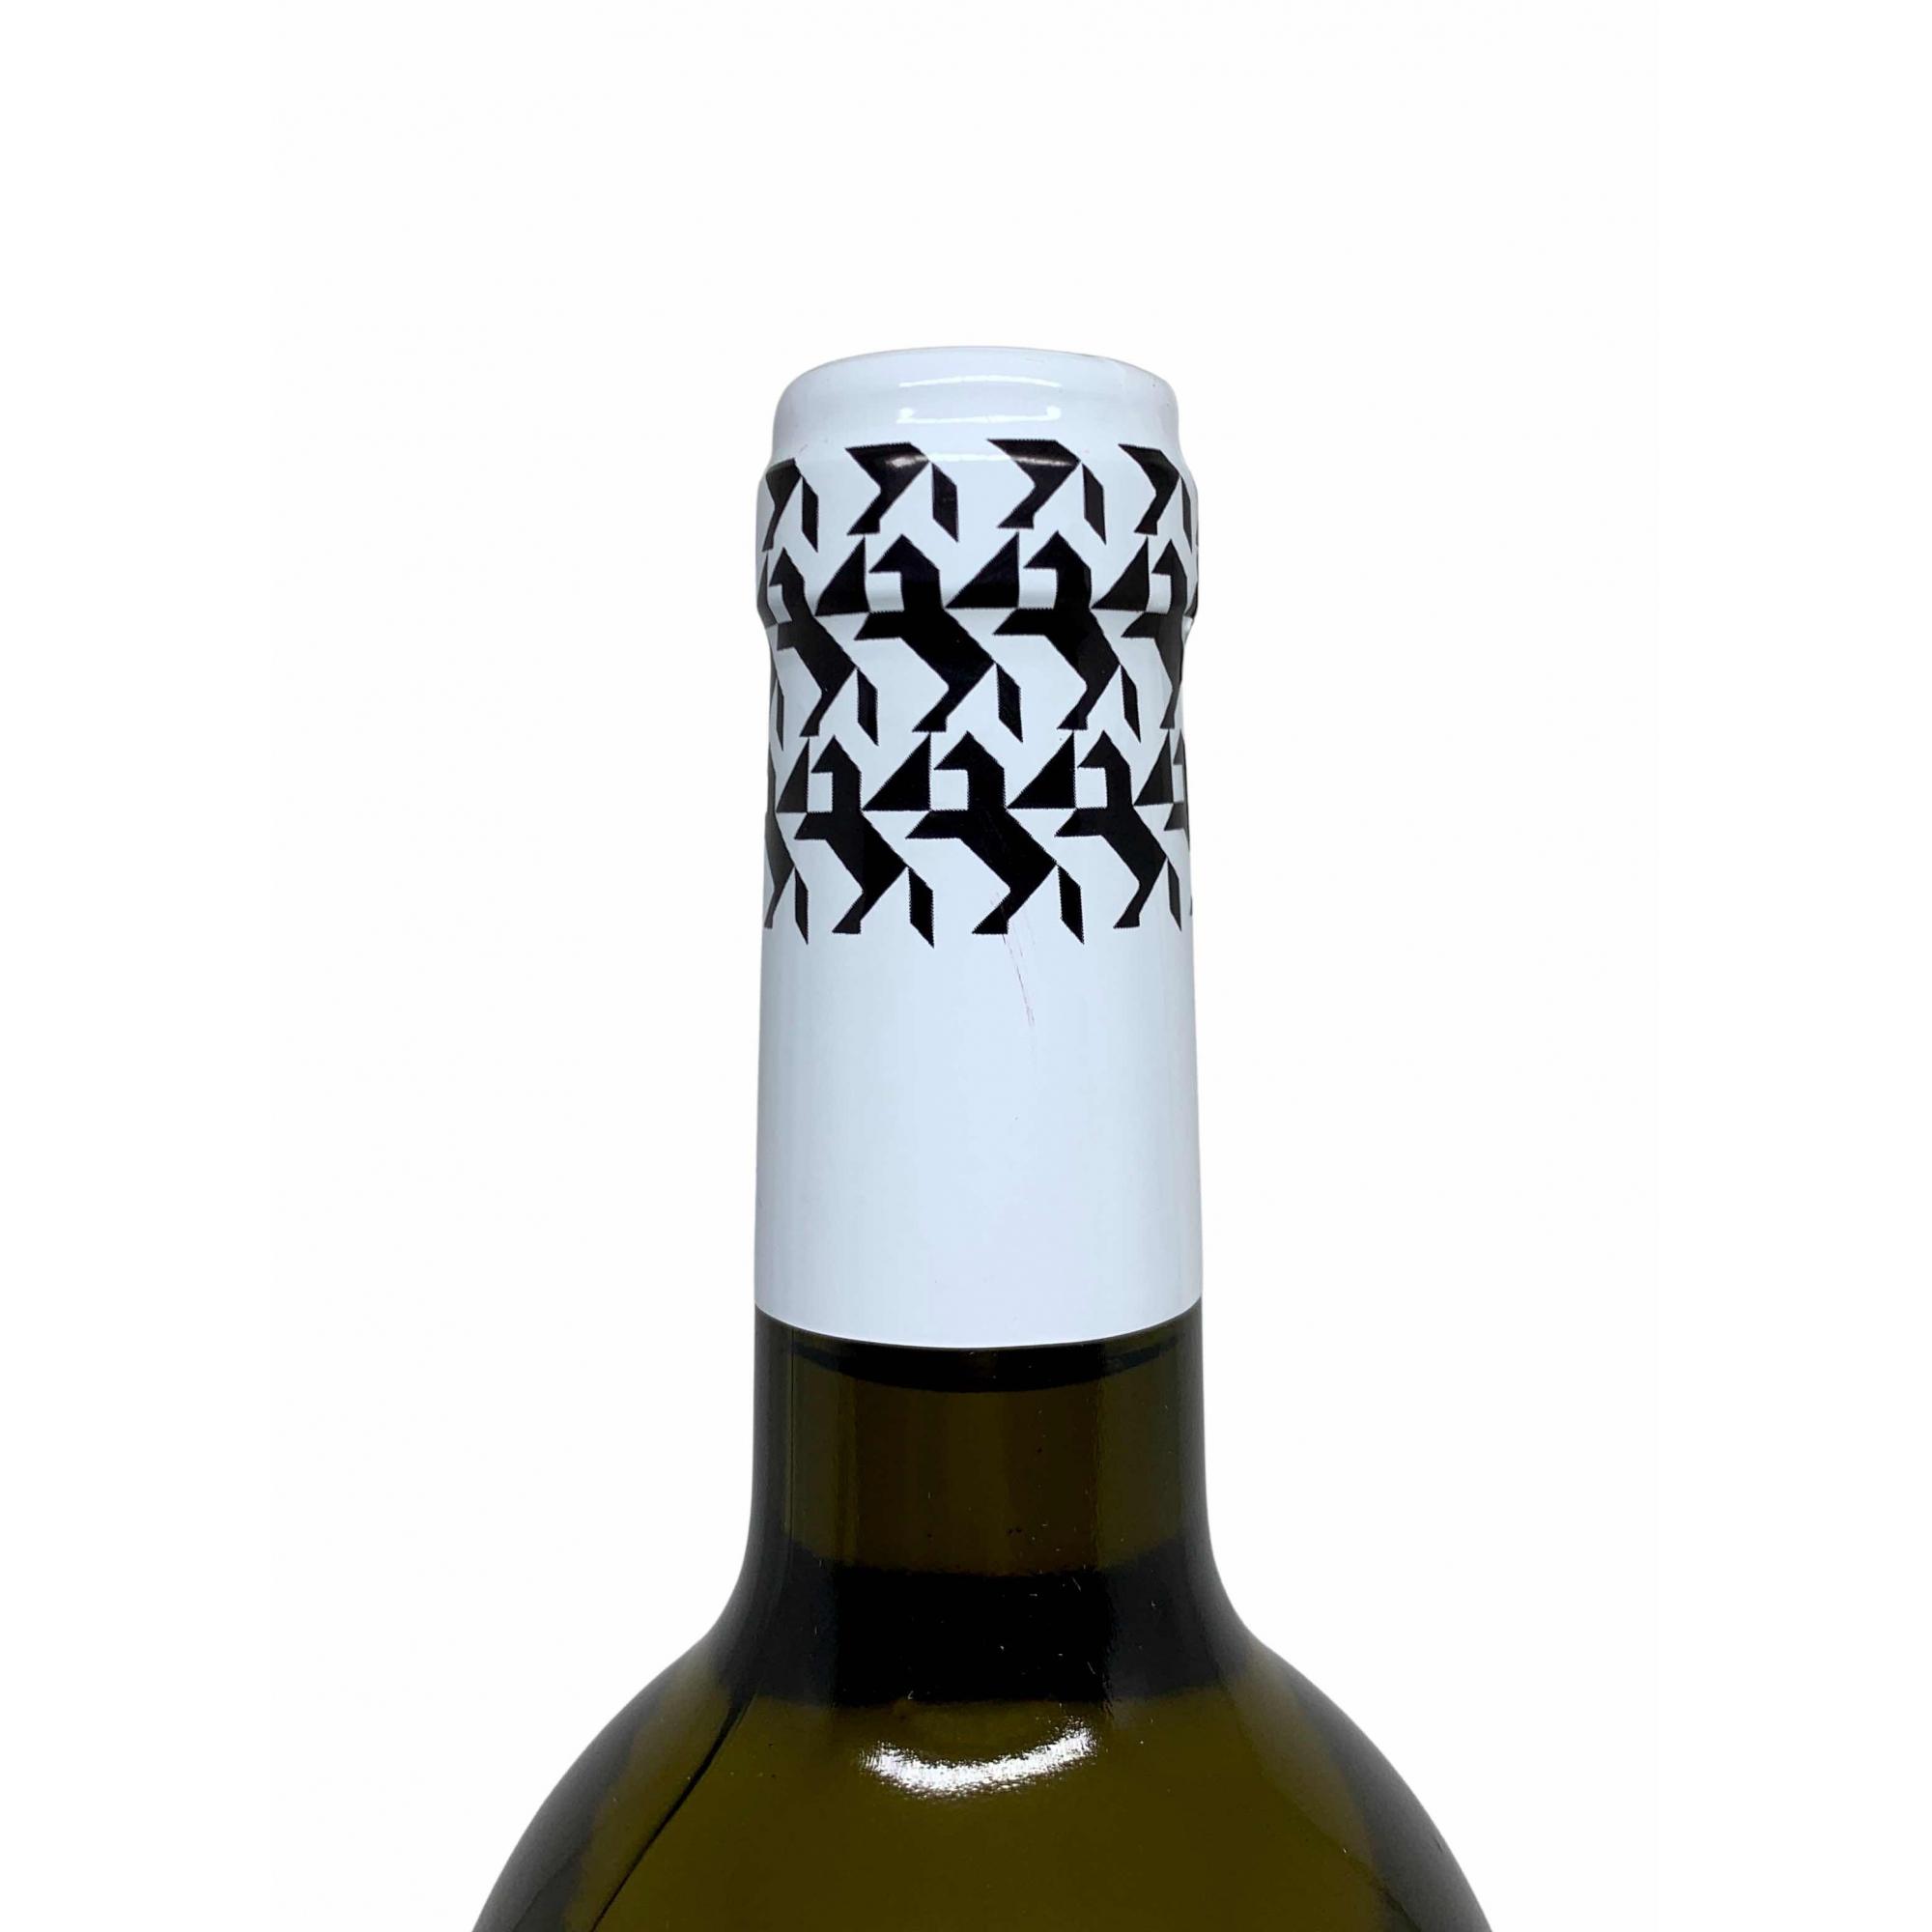 Vinho Branco Iselen 750mL  - ADEGA FARRET